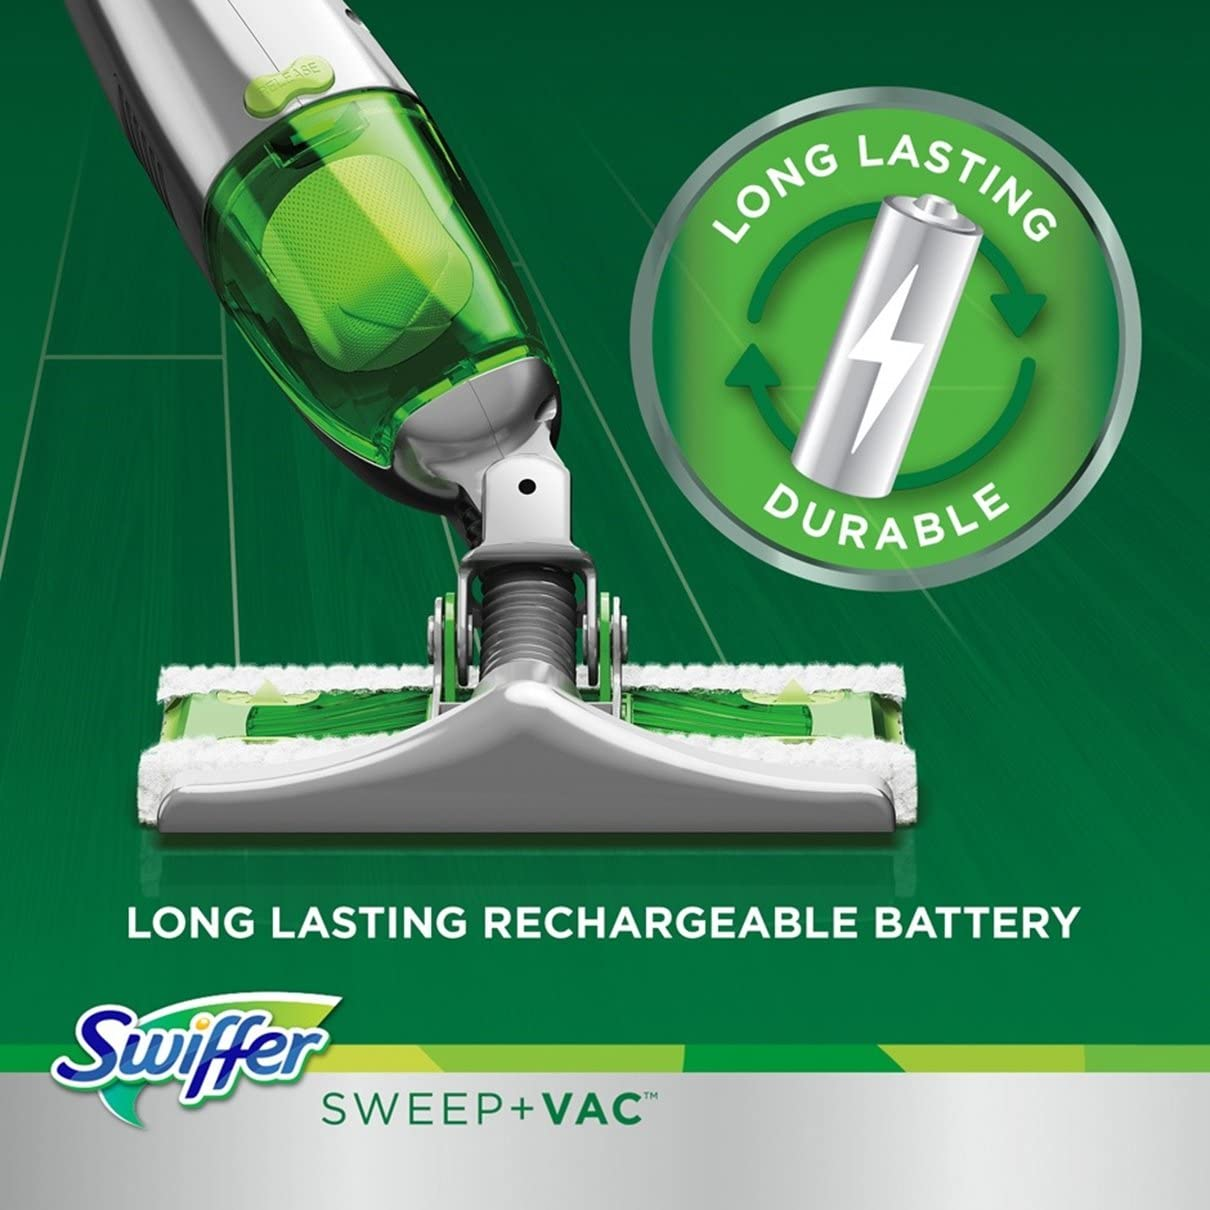 Swiffer Sweep and Vac